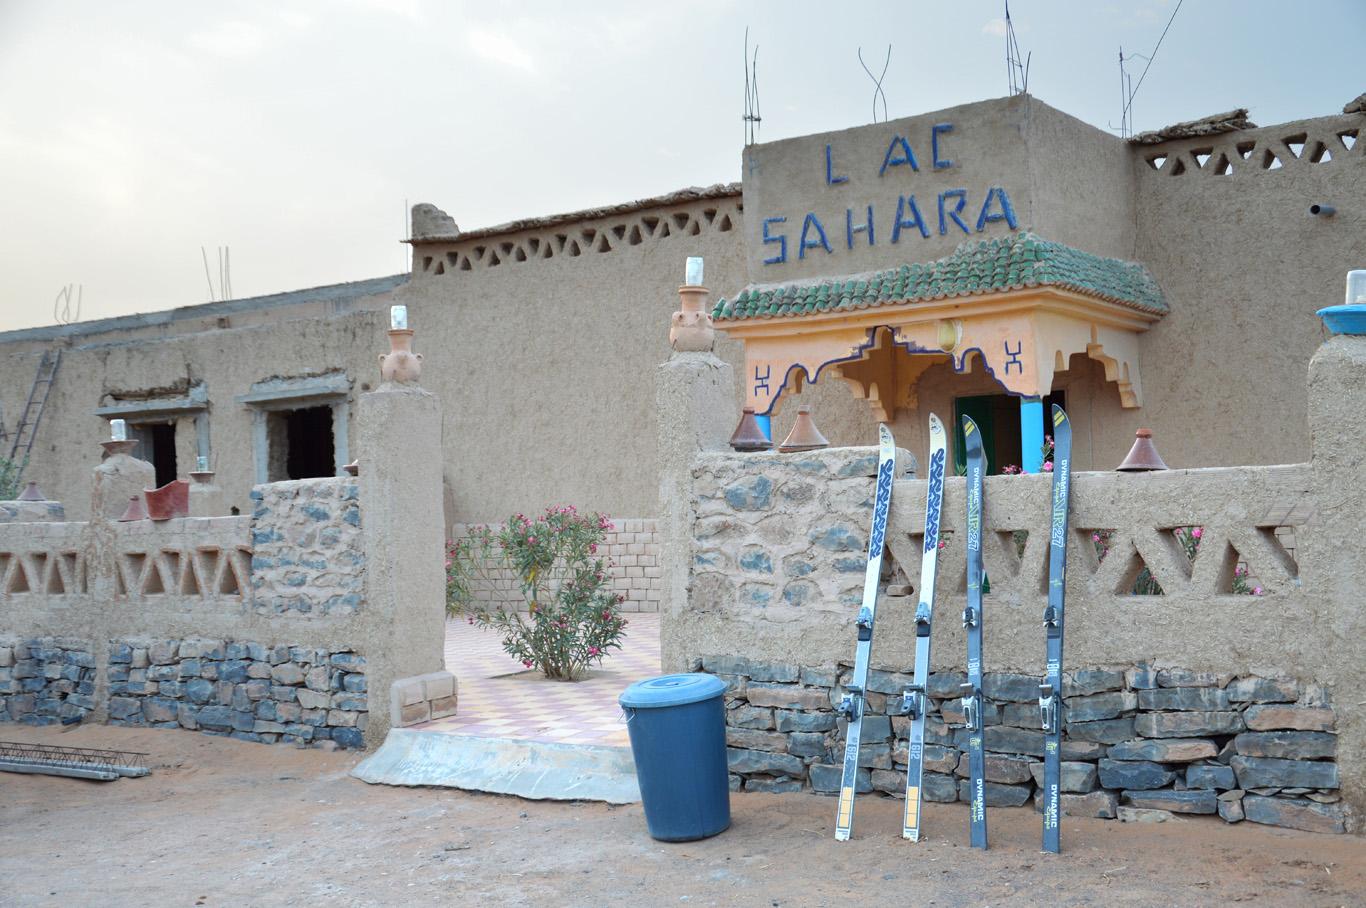 The Saharan guesthouse